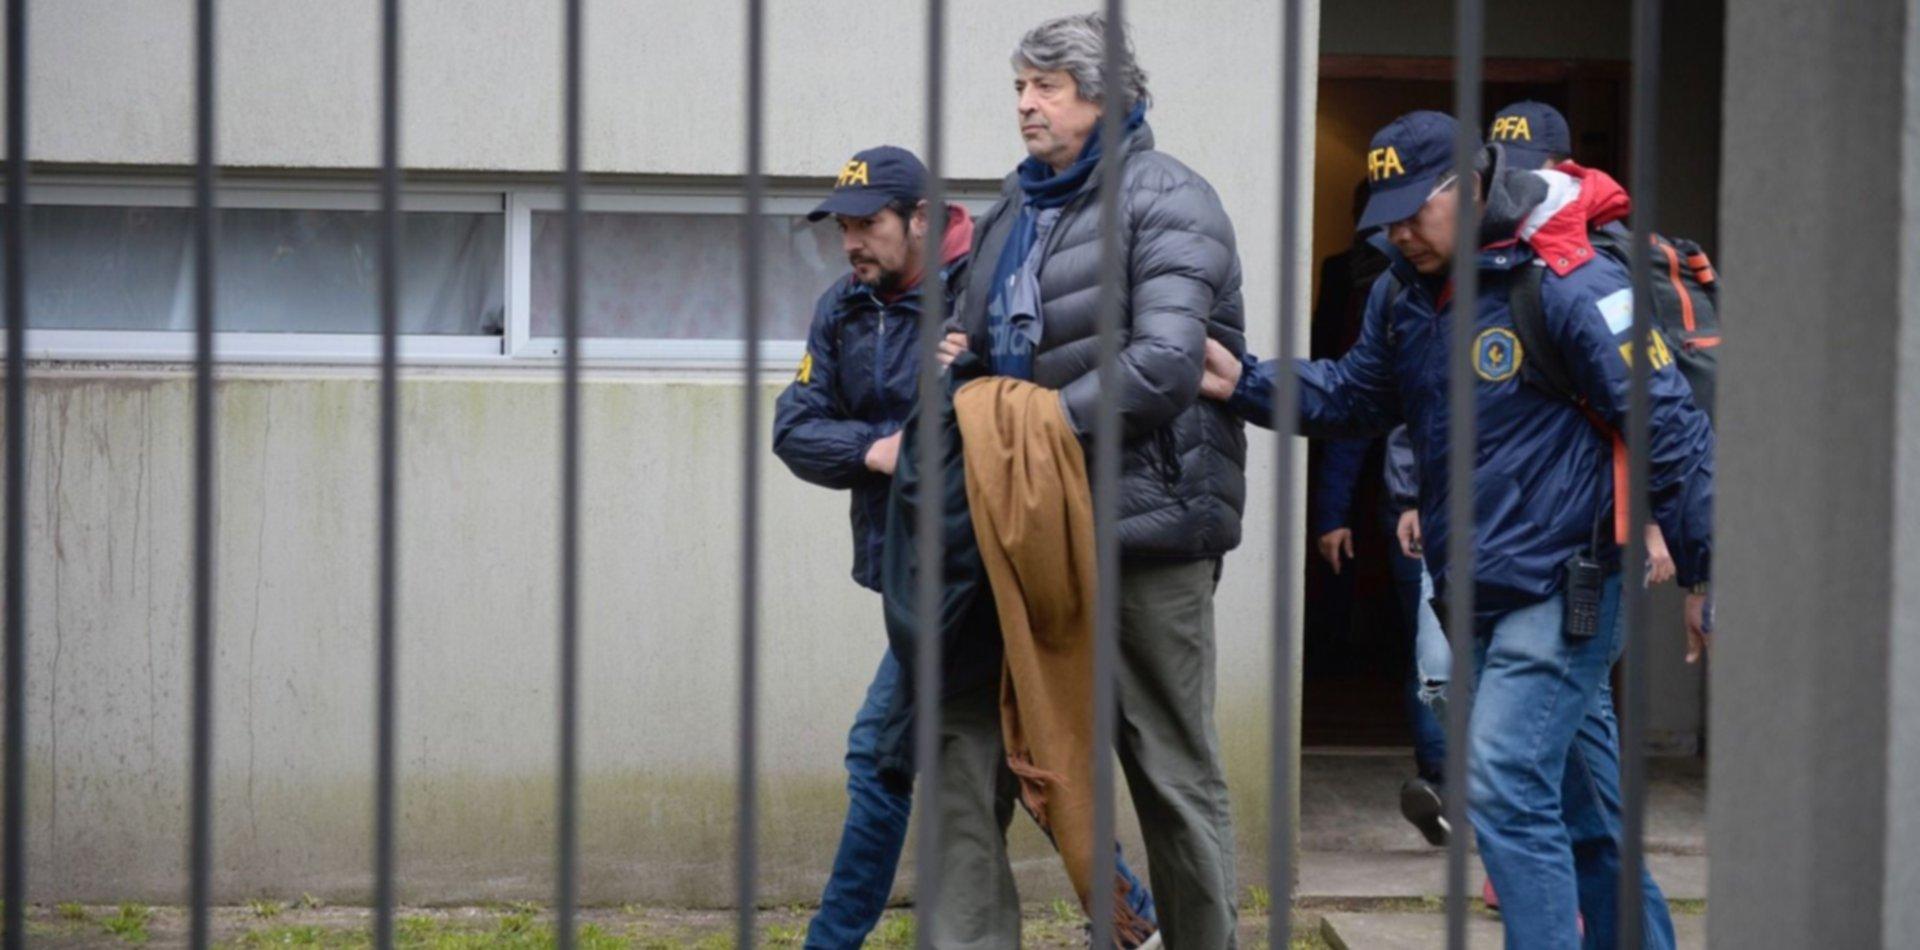 El exjuez César Melazo irá a juicio oral acusado de formar una megabanda criminal